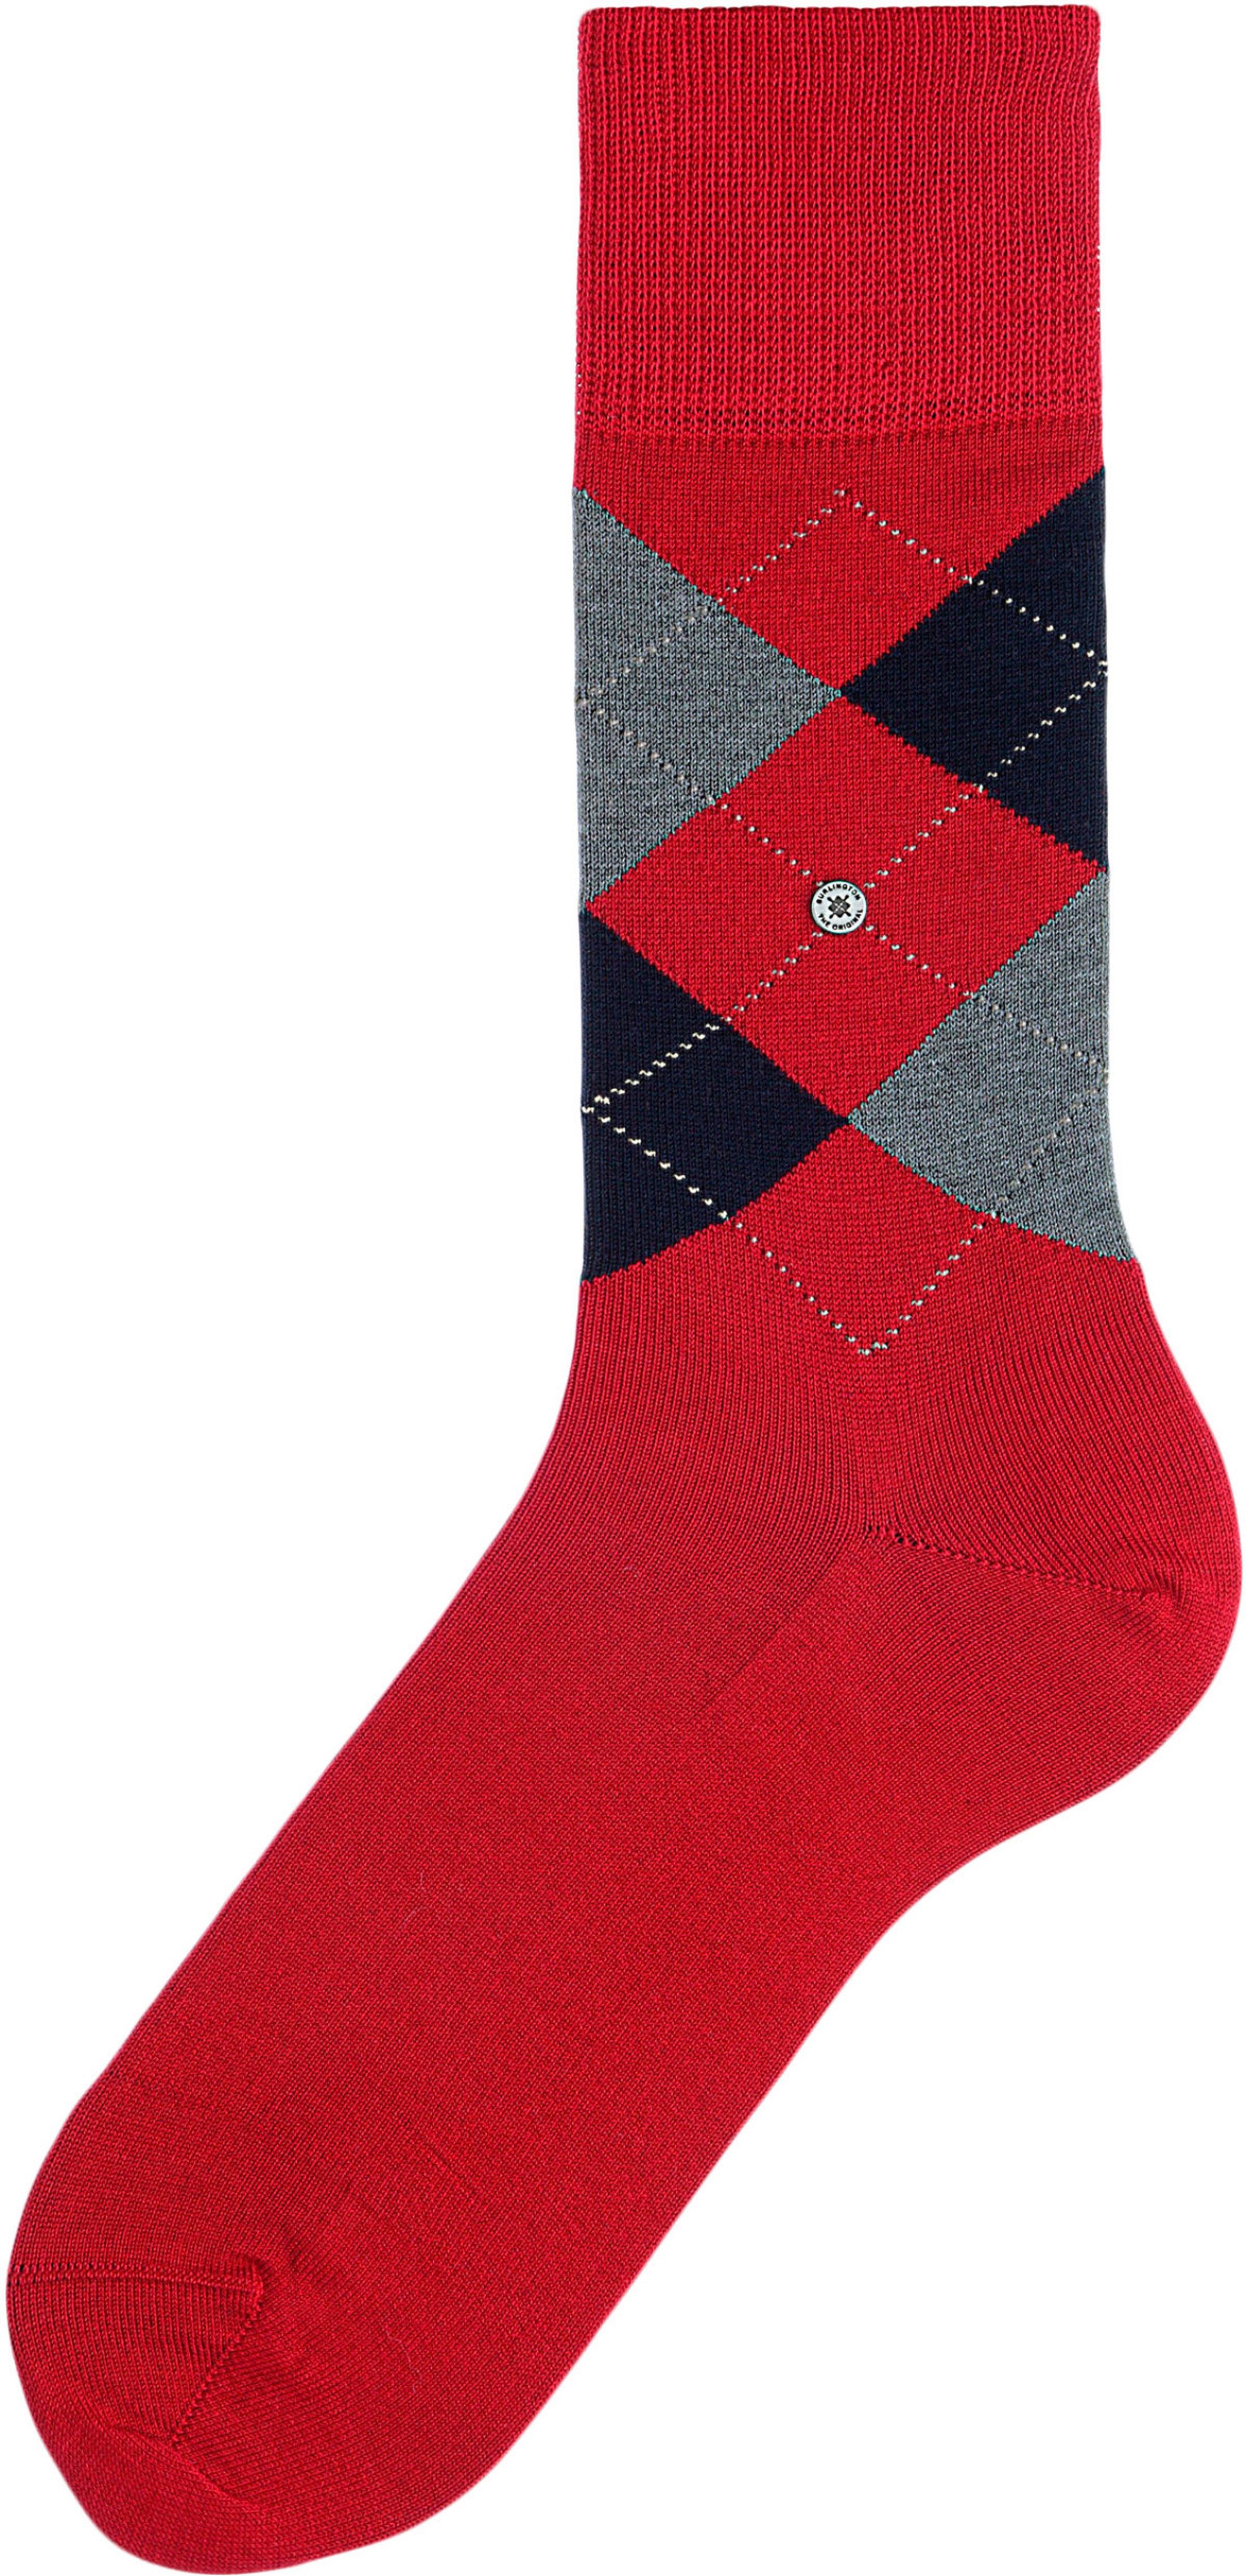 Burlington Socken Baumwolle 8006